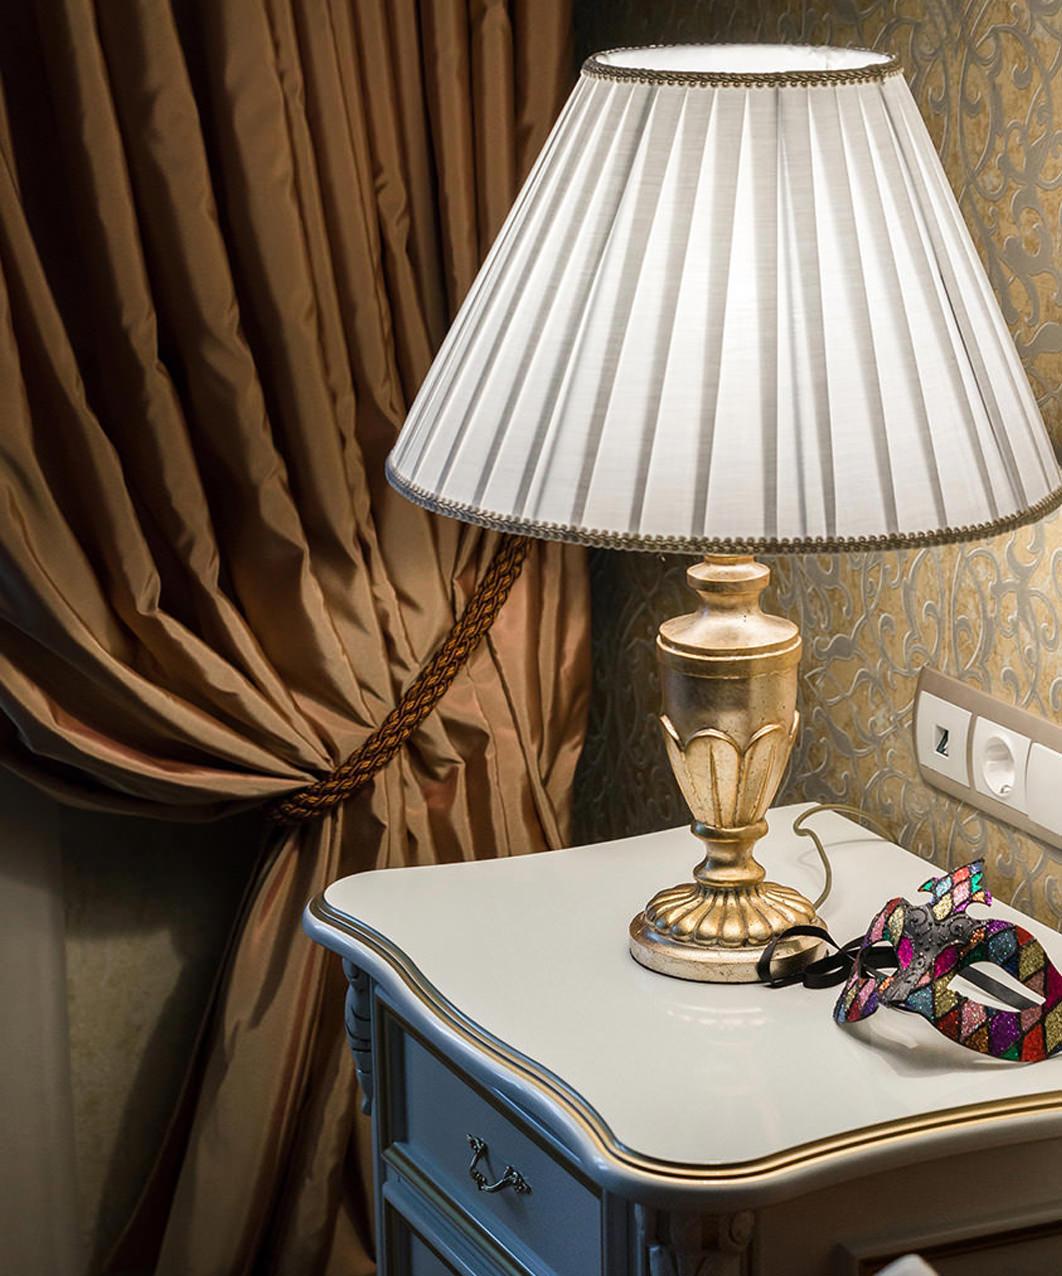 Классическая прикроватная лампа